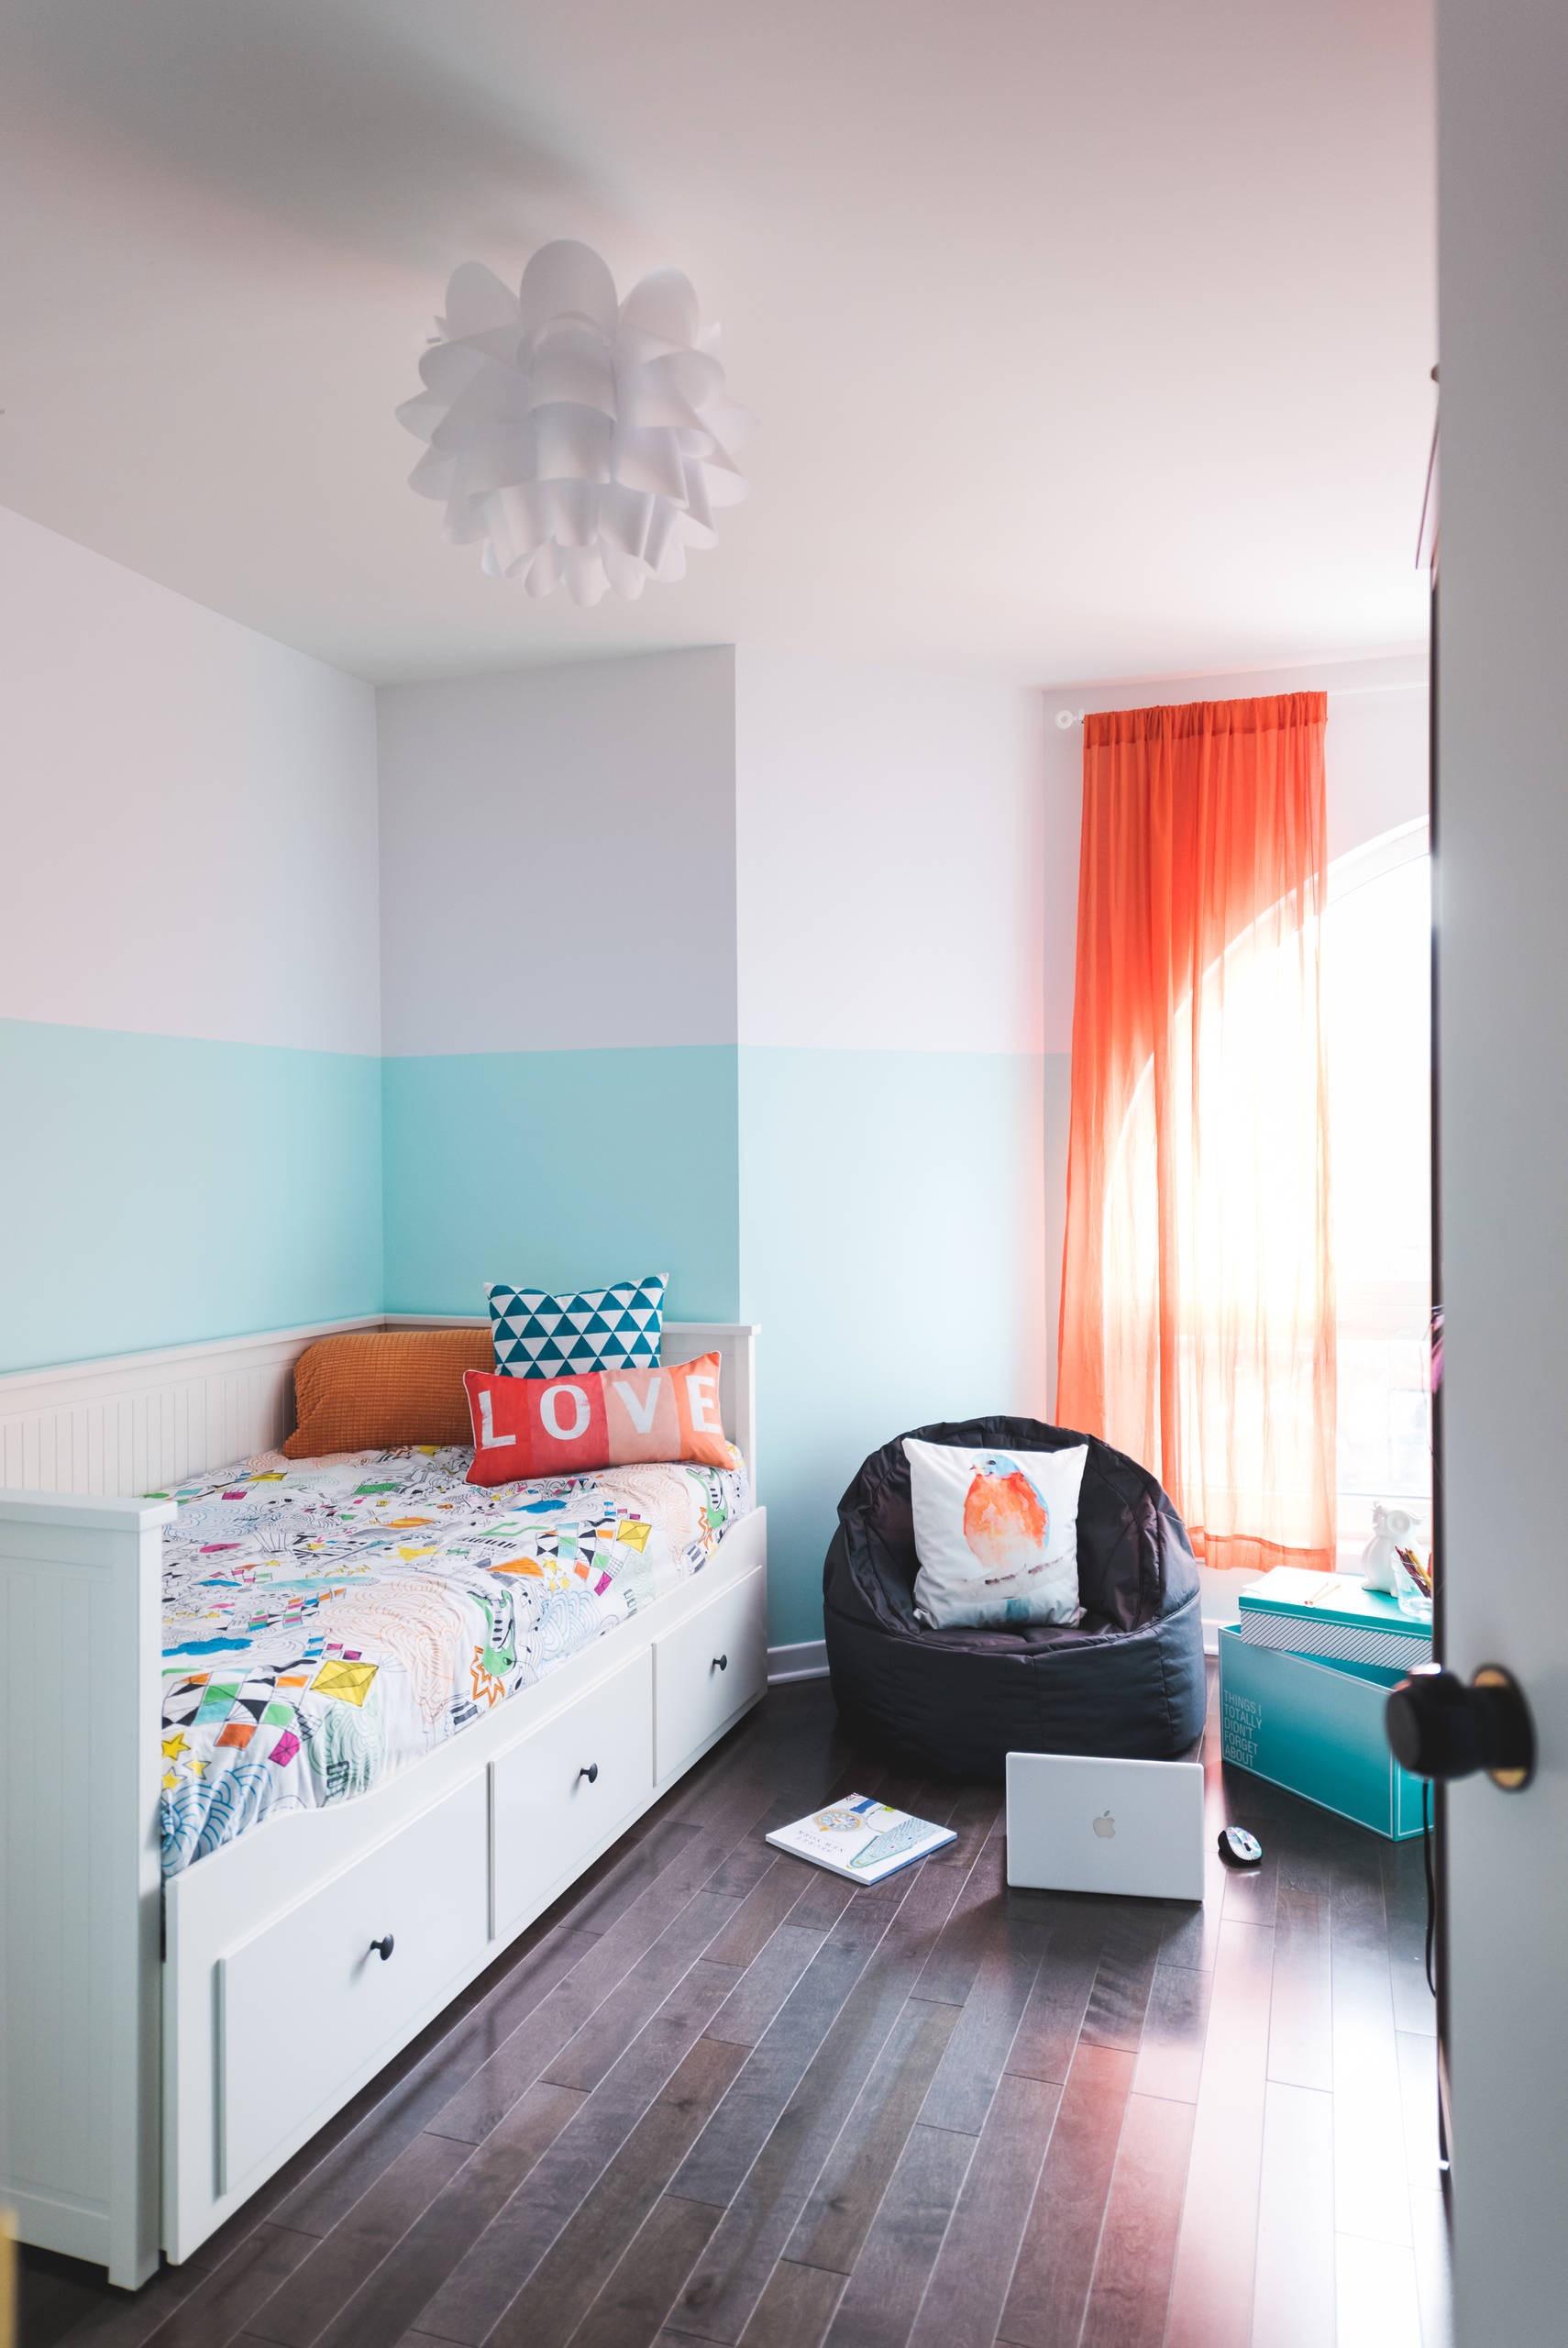 Modelo de puff redondo preto para colocar no quarto das crianças. Como o formato é de uma poltrona, pode servir como cantinho da leitura.